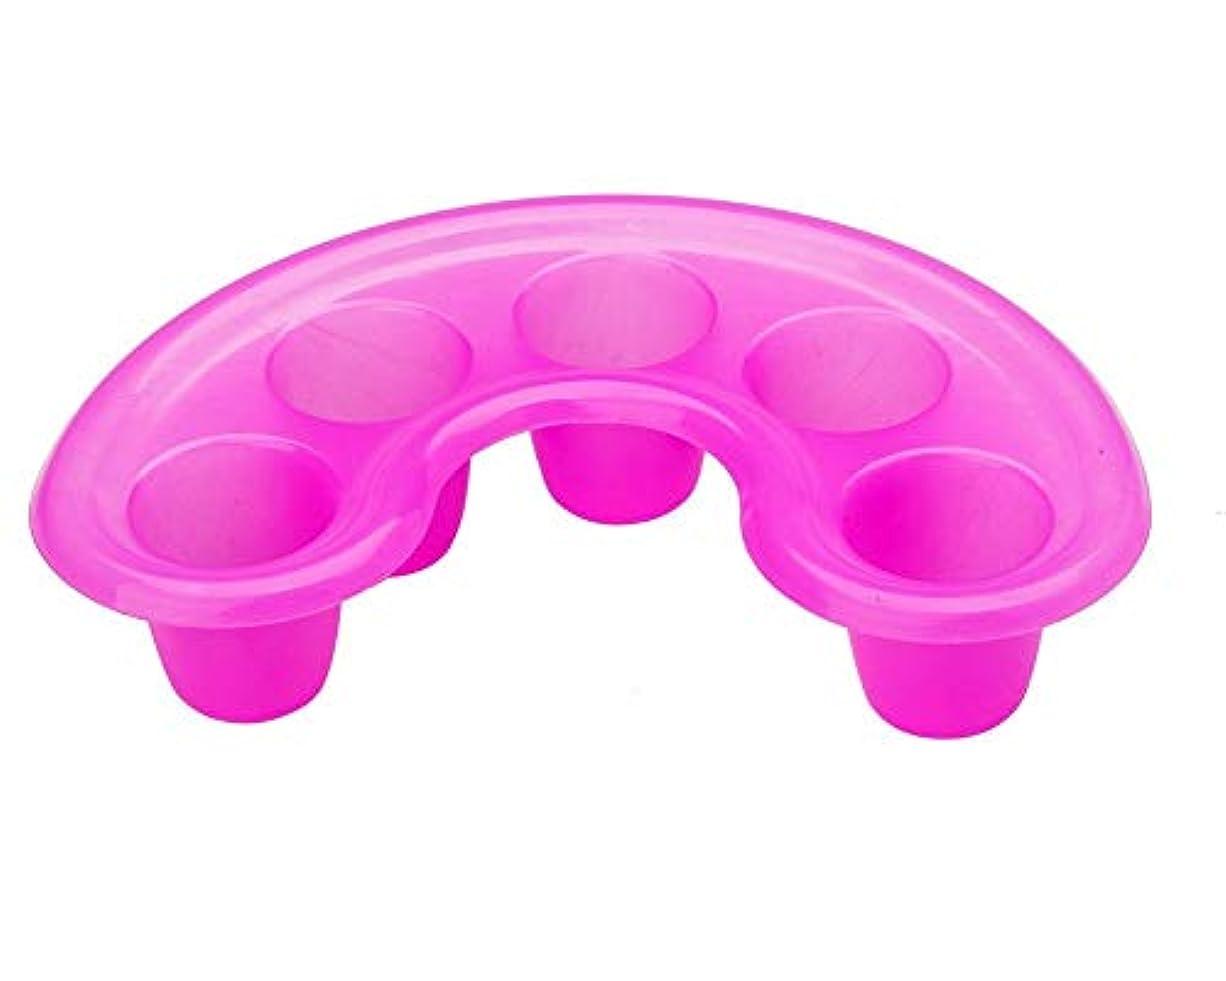 日付付き他の場所巨人強い高品質のピンクのプラスチックの釘の芸術マニキュアの釘浸し/ソーカーの皿のアセトン抵抗力がある